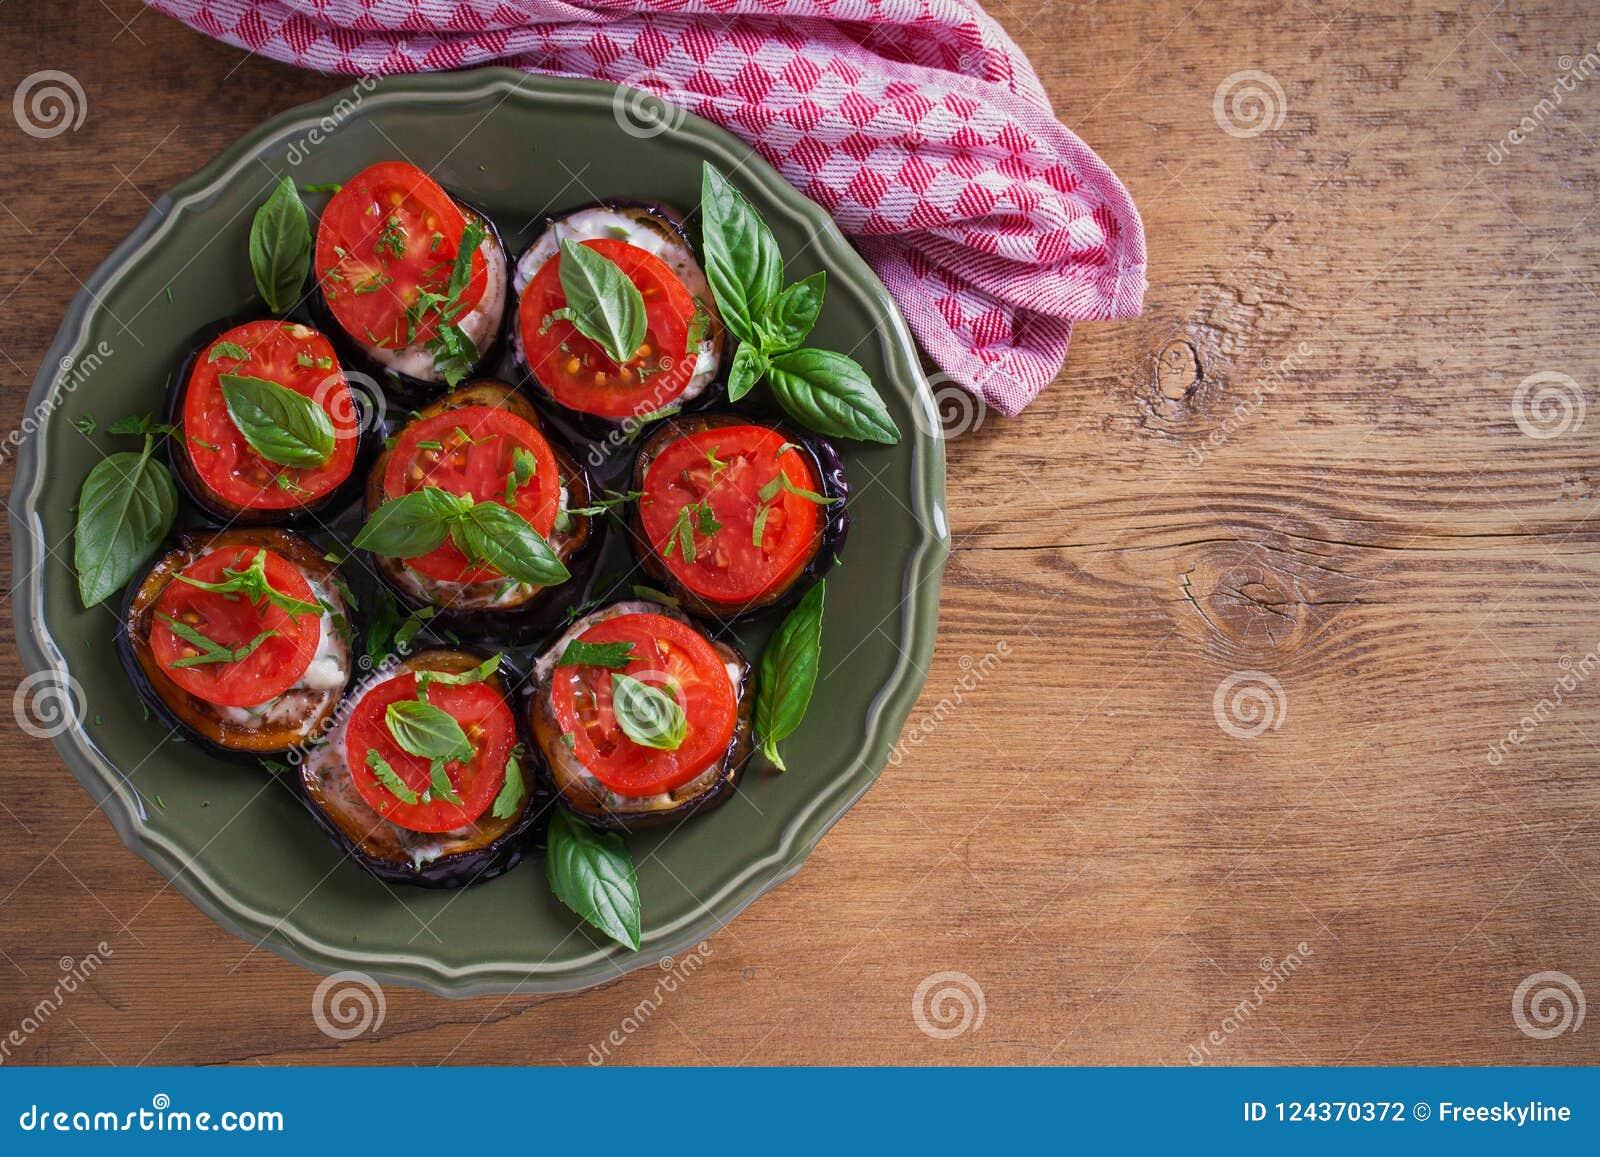 Μελιτζάνες με τις ντομάτες και τη σάλτσα Τηγανισμένες τηγάνι μελιτζάνες Υγιή χορτοφάγα τρόφιμα, ορεκτικό